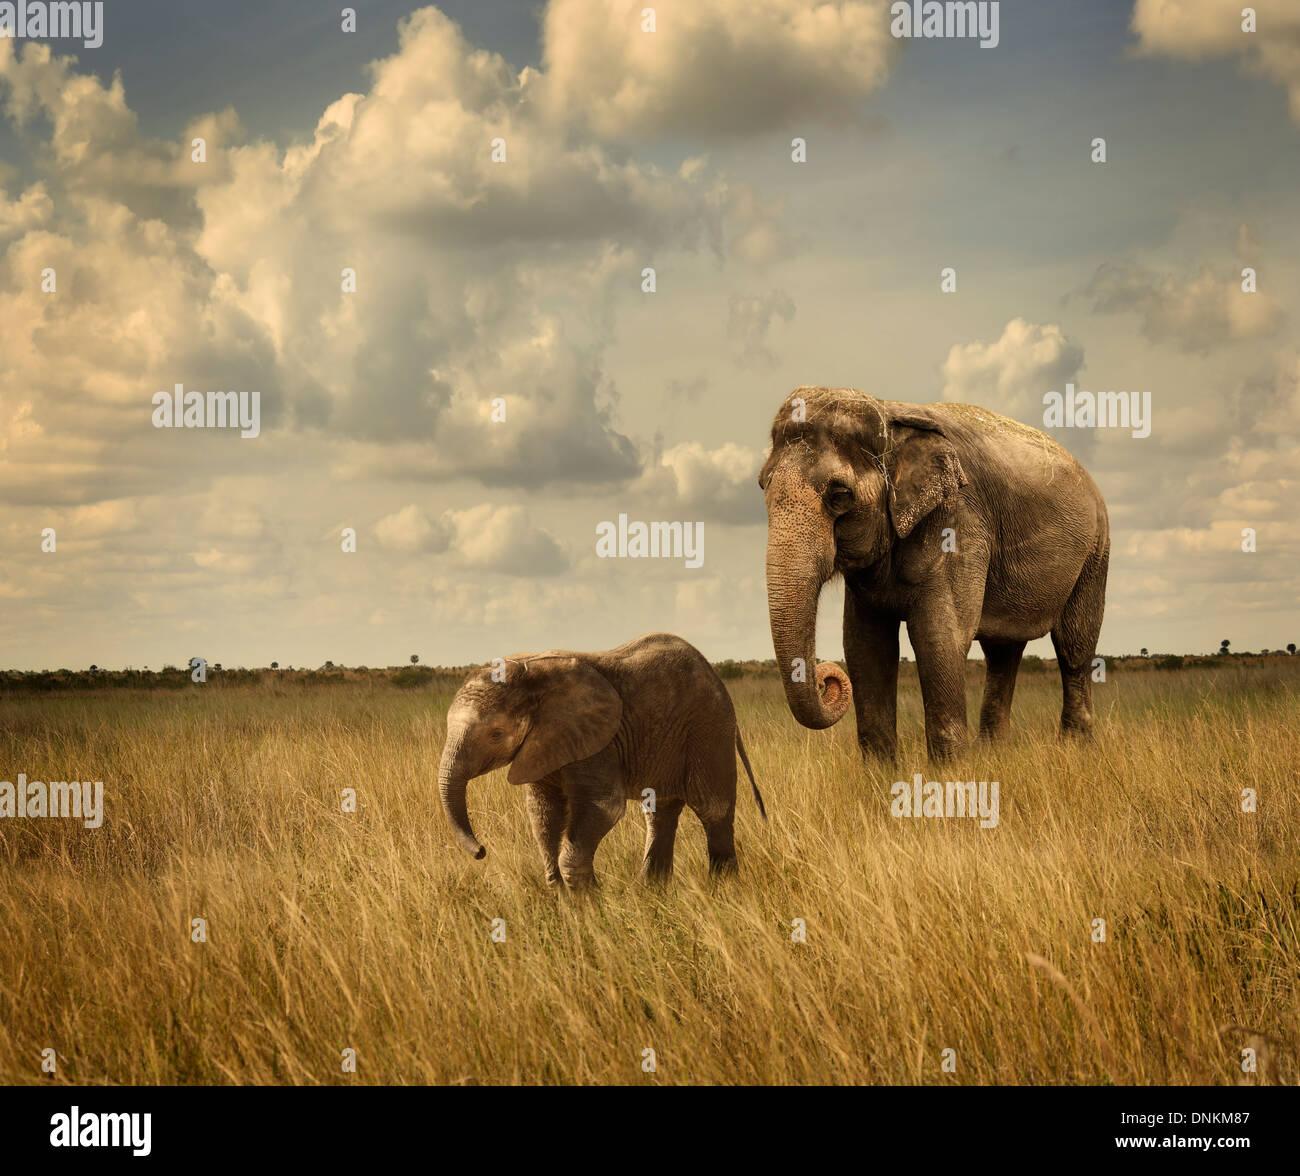 Mother And Baby Elephants Walking - Stock Image